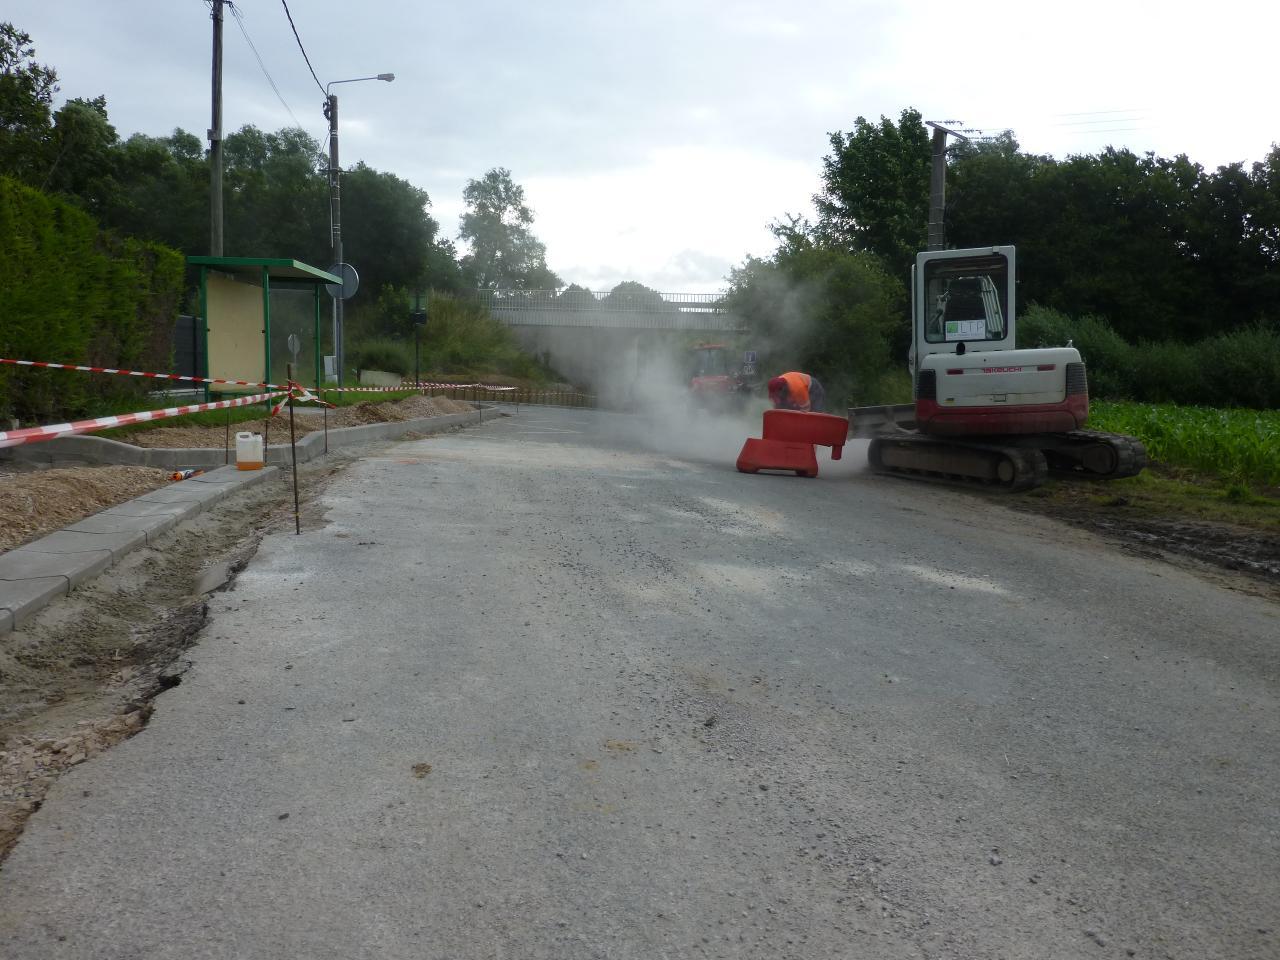 Rue de vincq phase 2 (7)